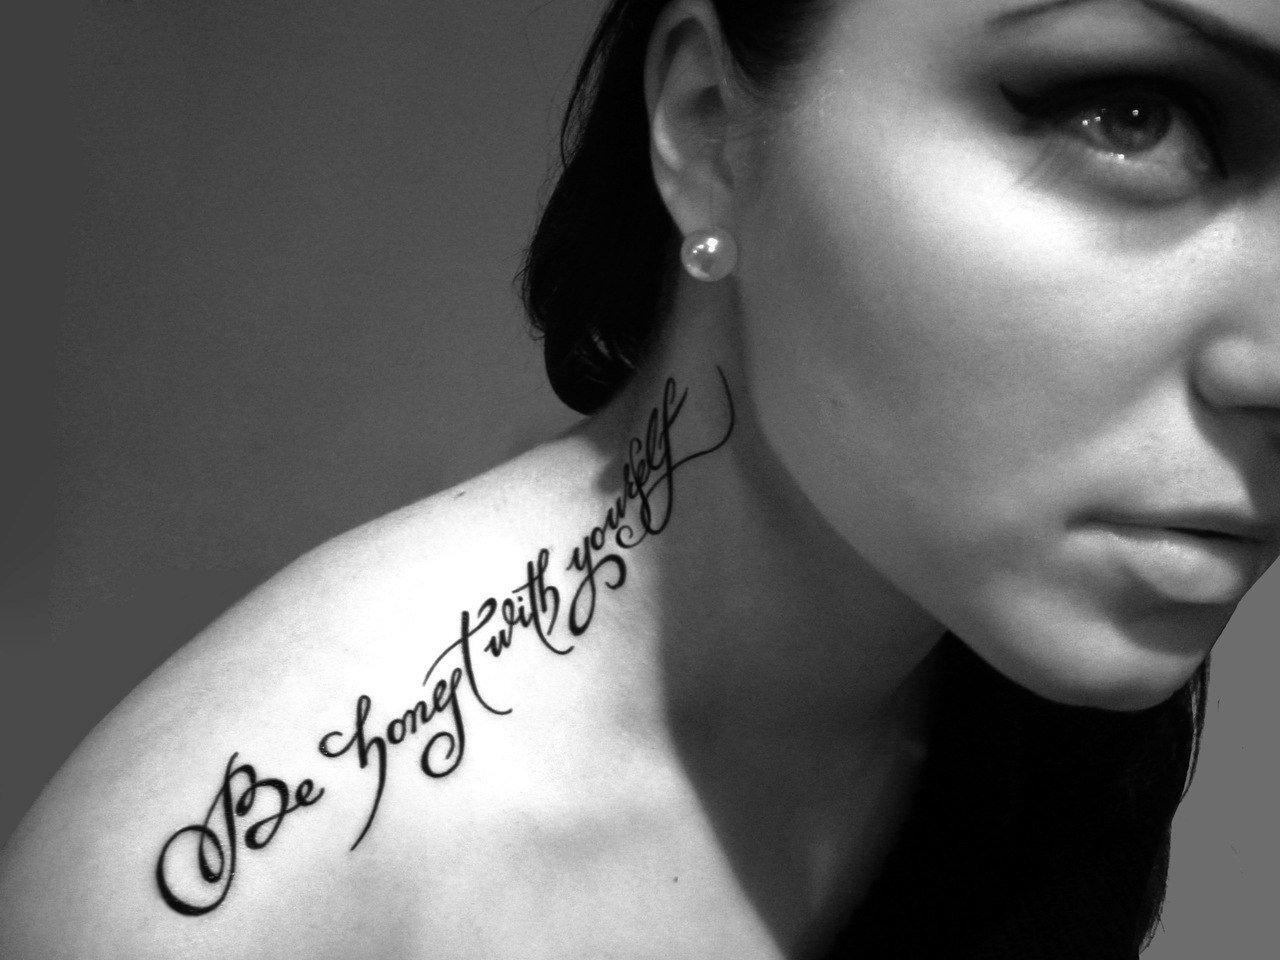 красивые фразы для тату фото менее женщина своей